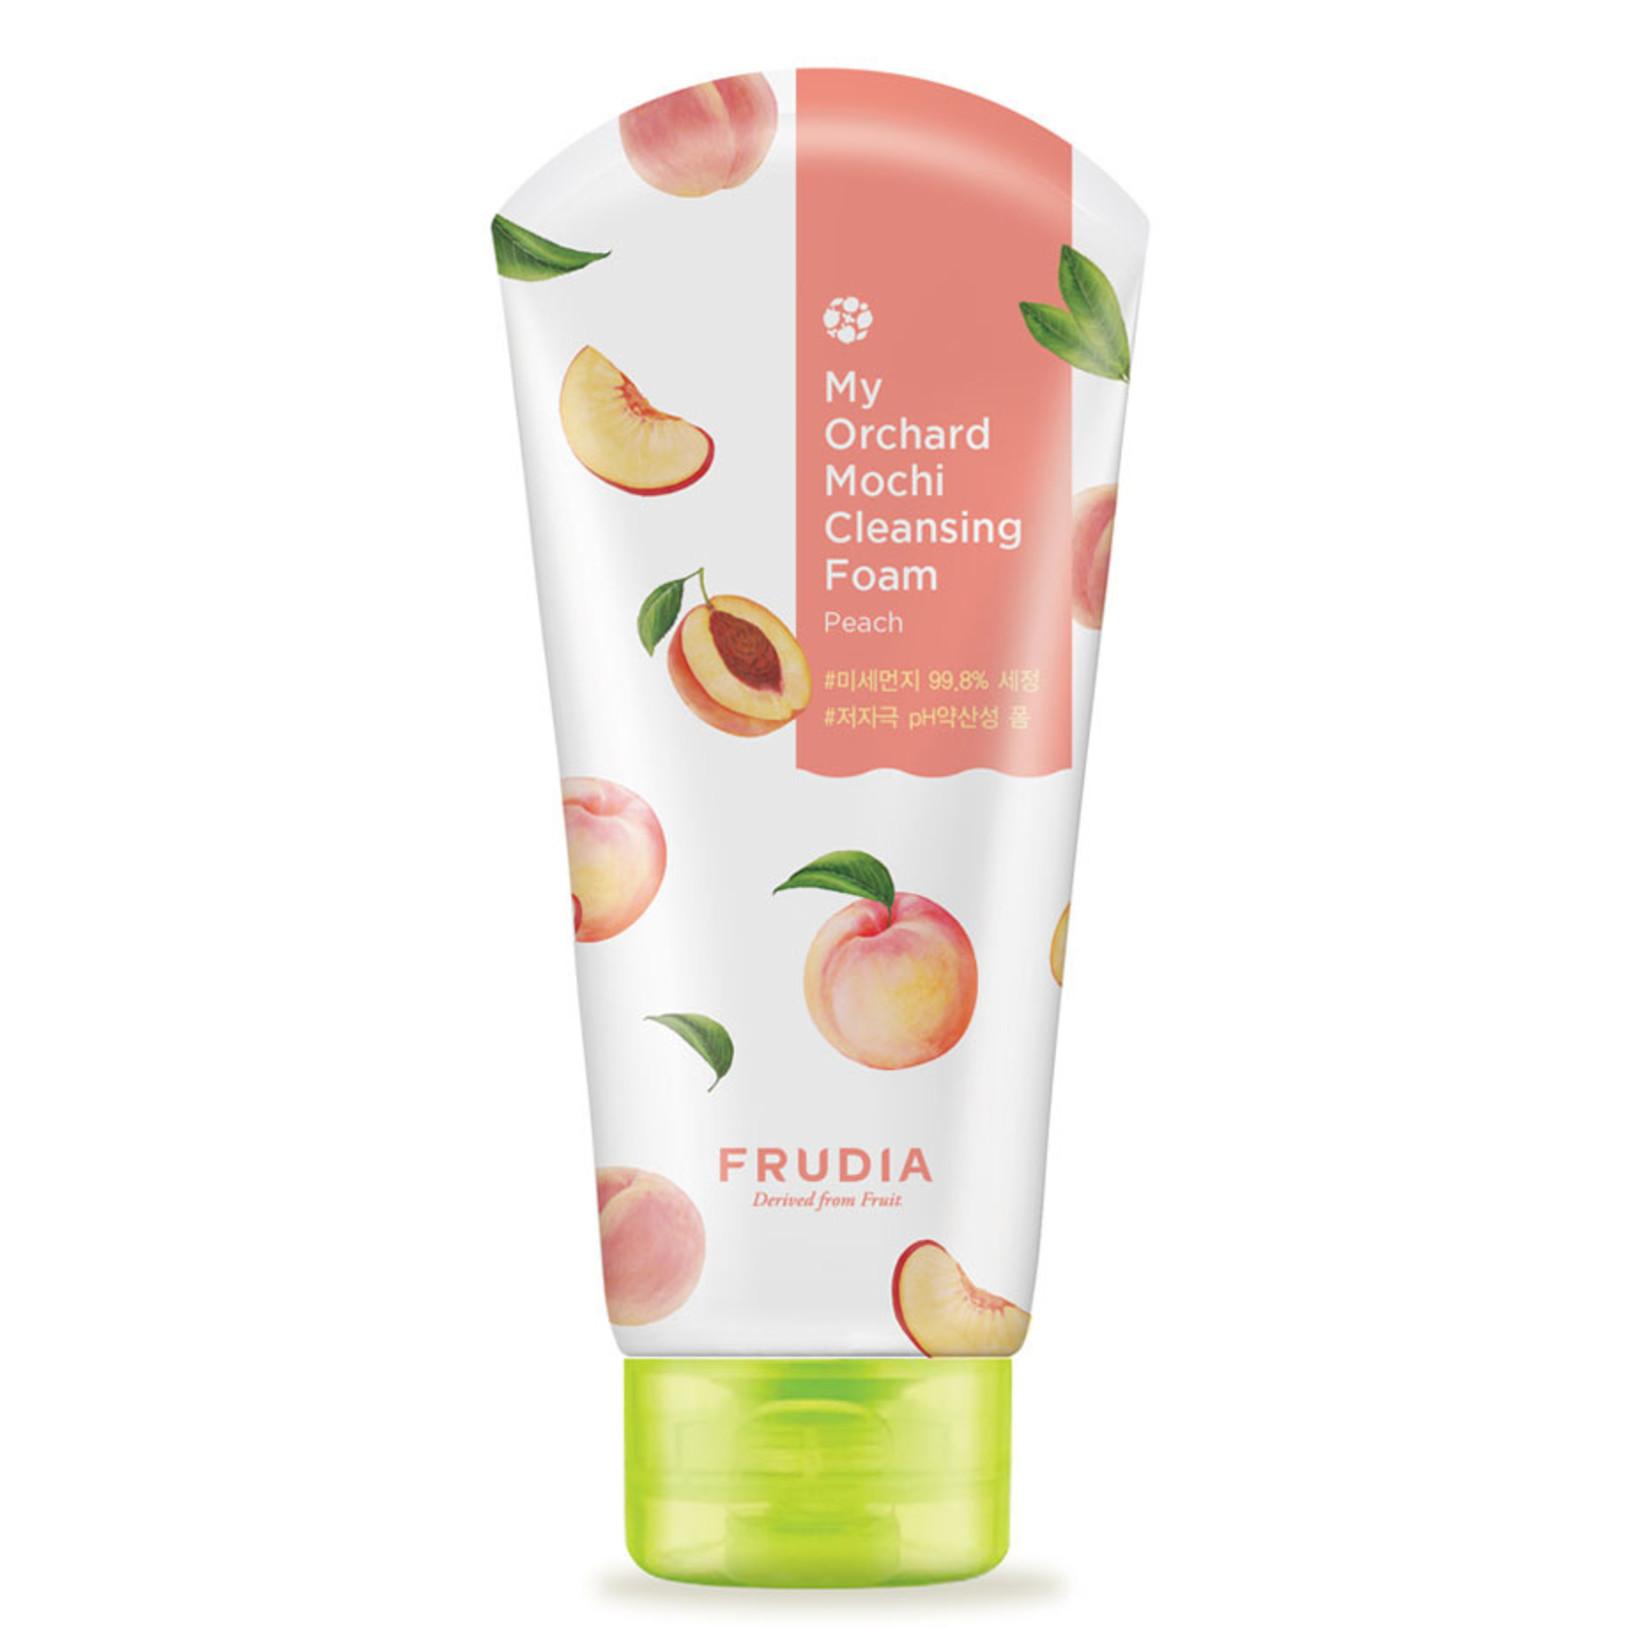 Frudia My Orchard Mochi Cleansing Foam Peach